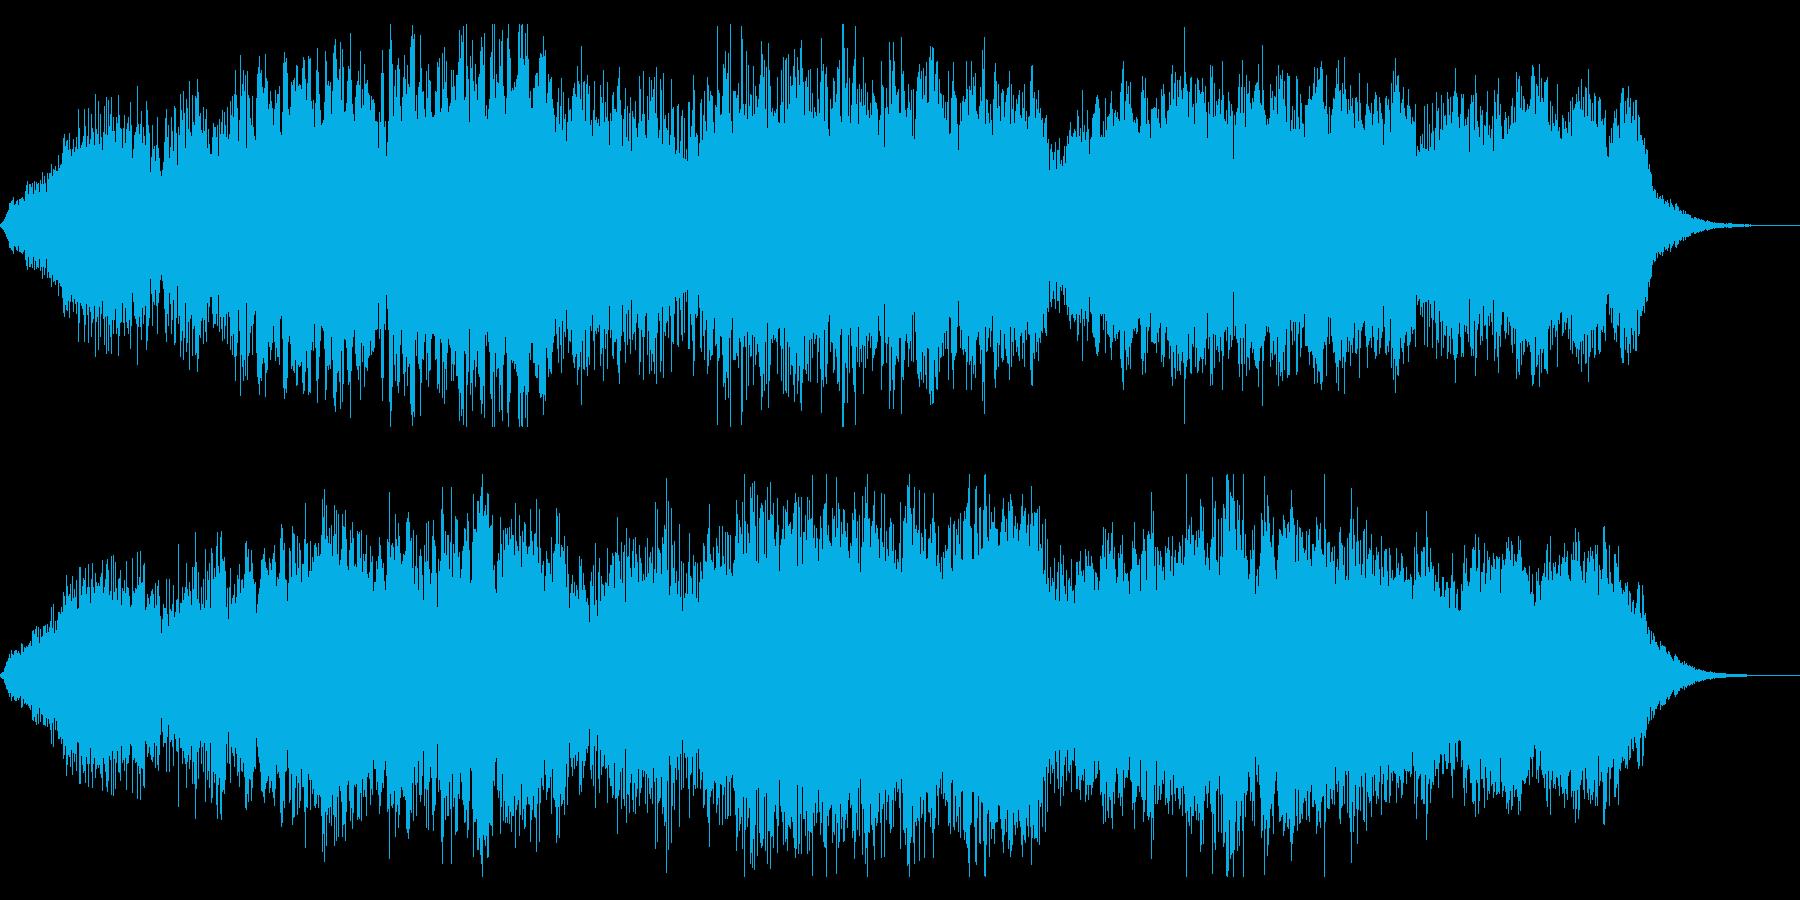 ダーク、ミステリアスなシネマチックBGMの再生済みの波形